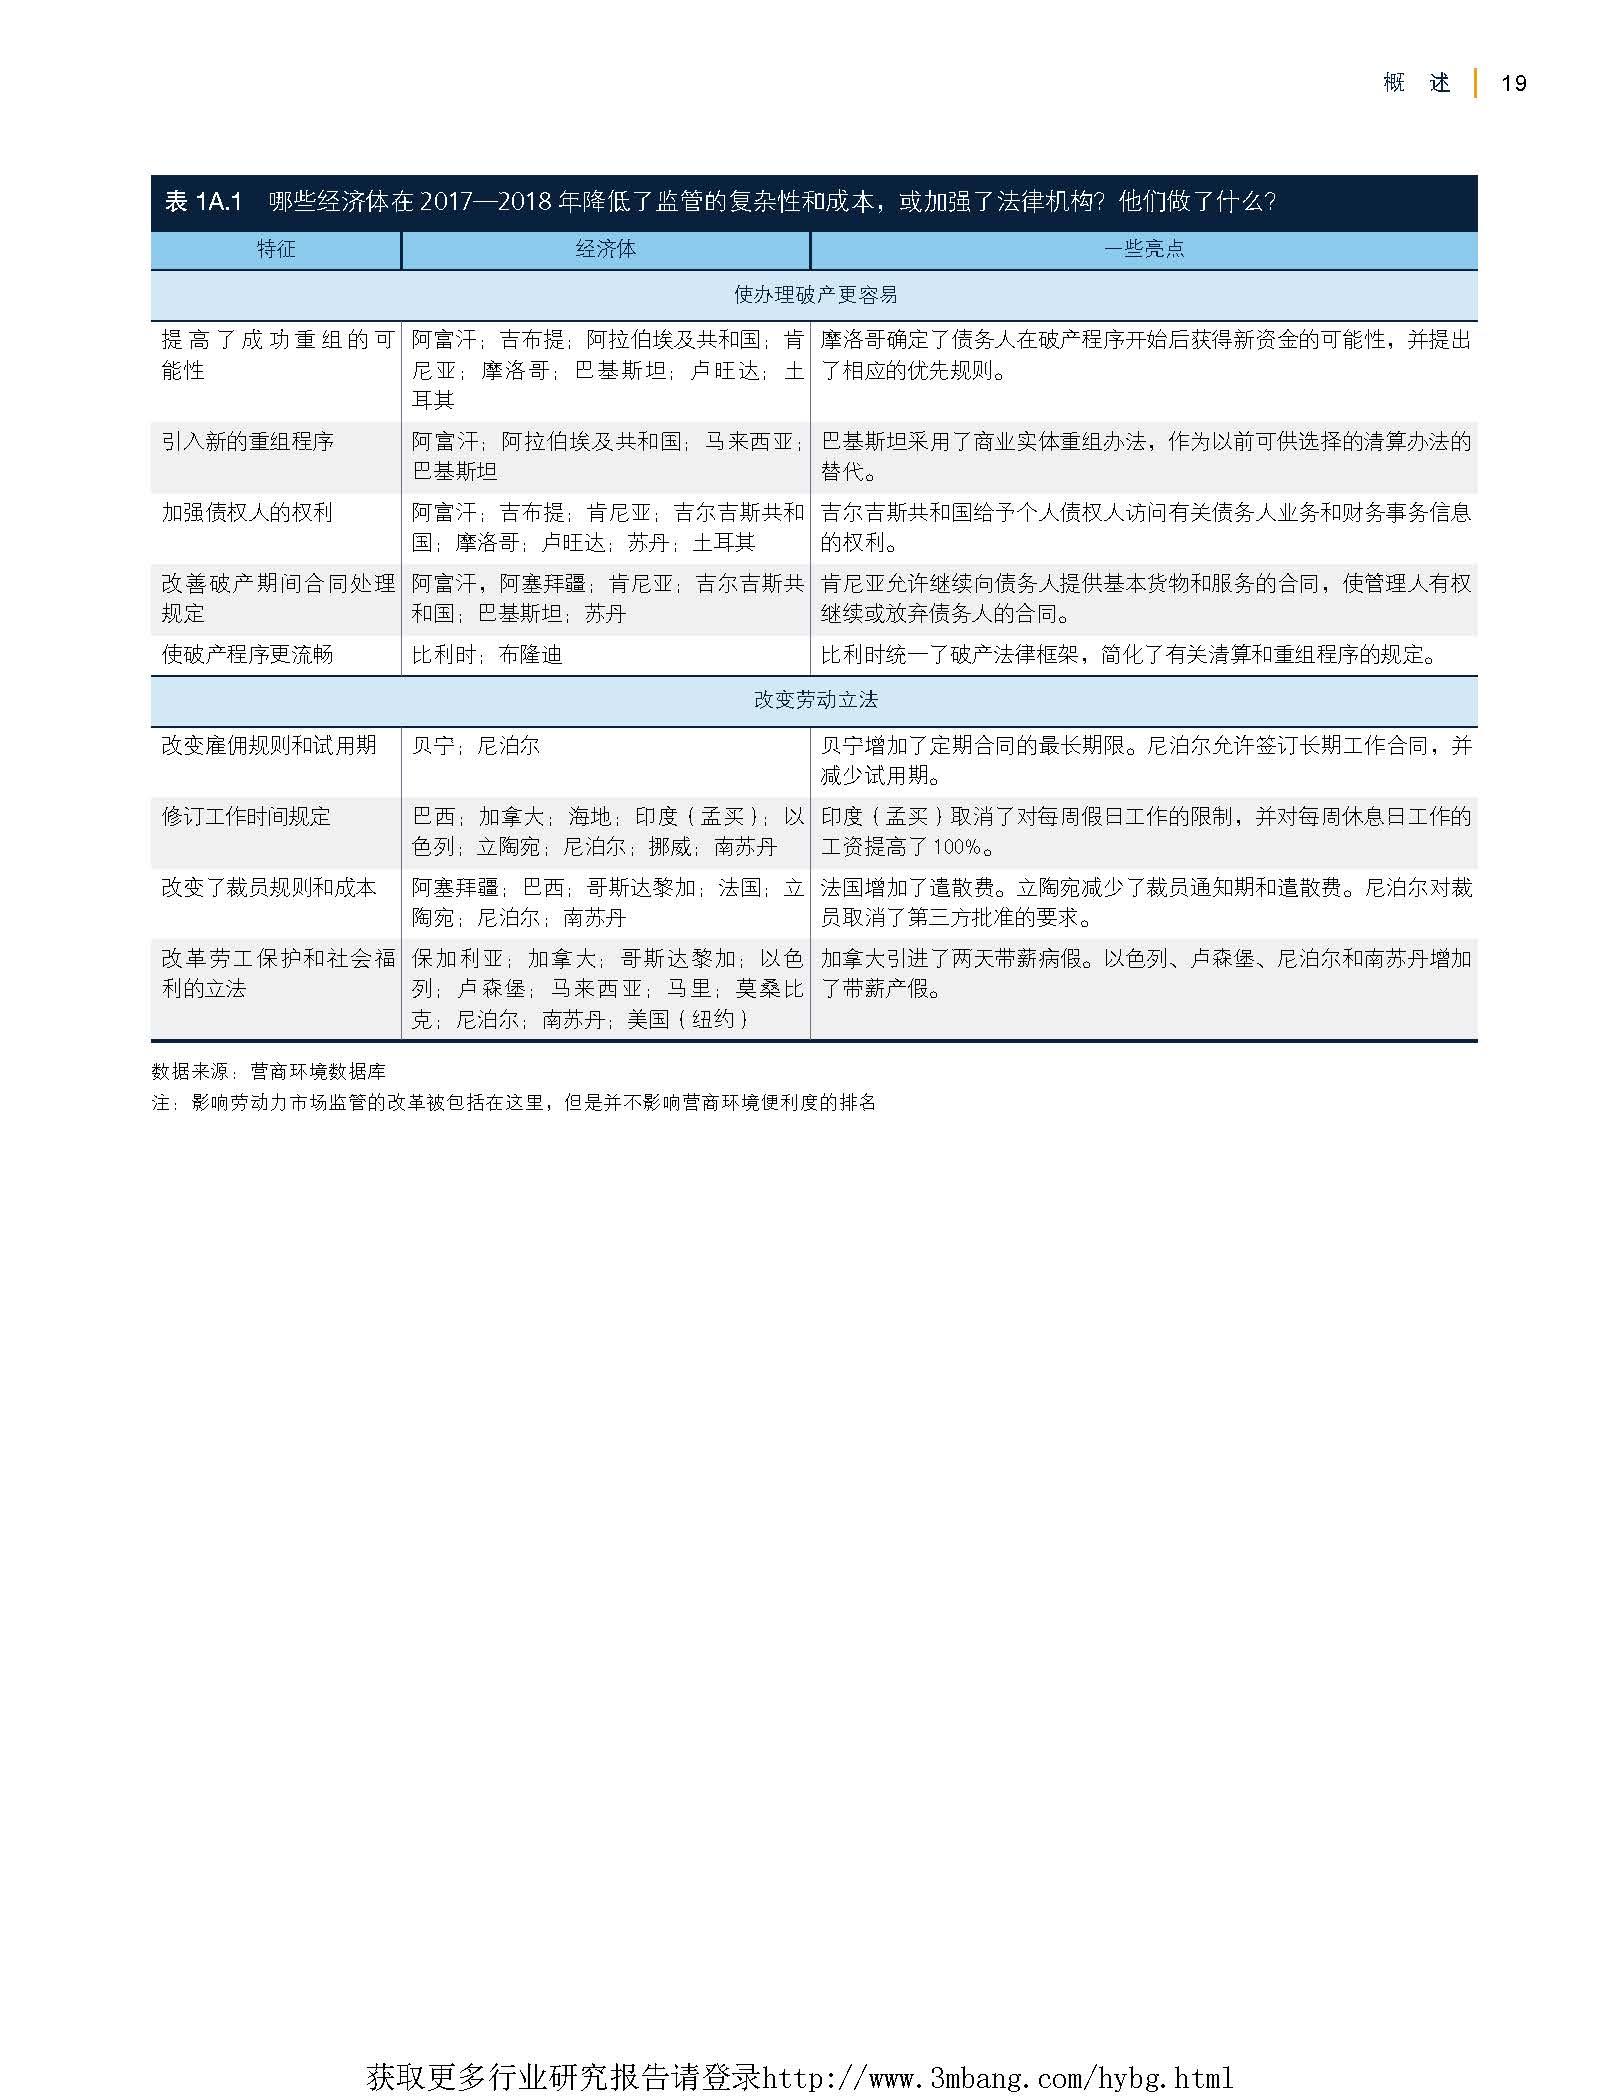 1_页面_026.jpg